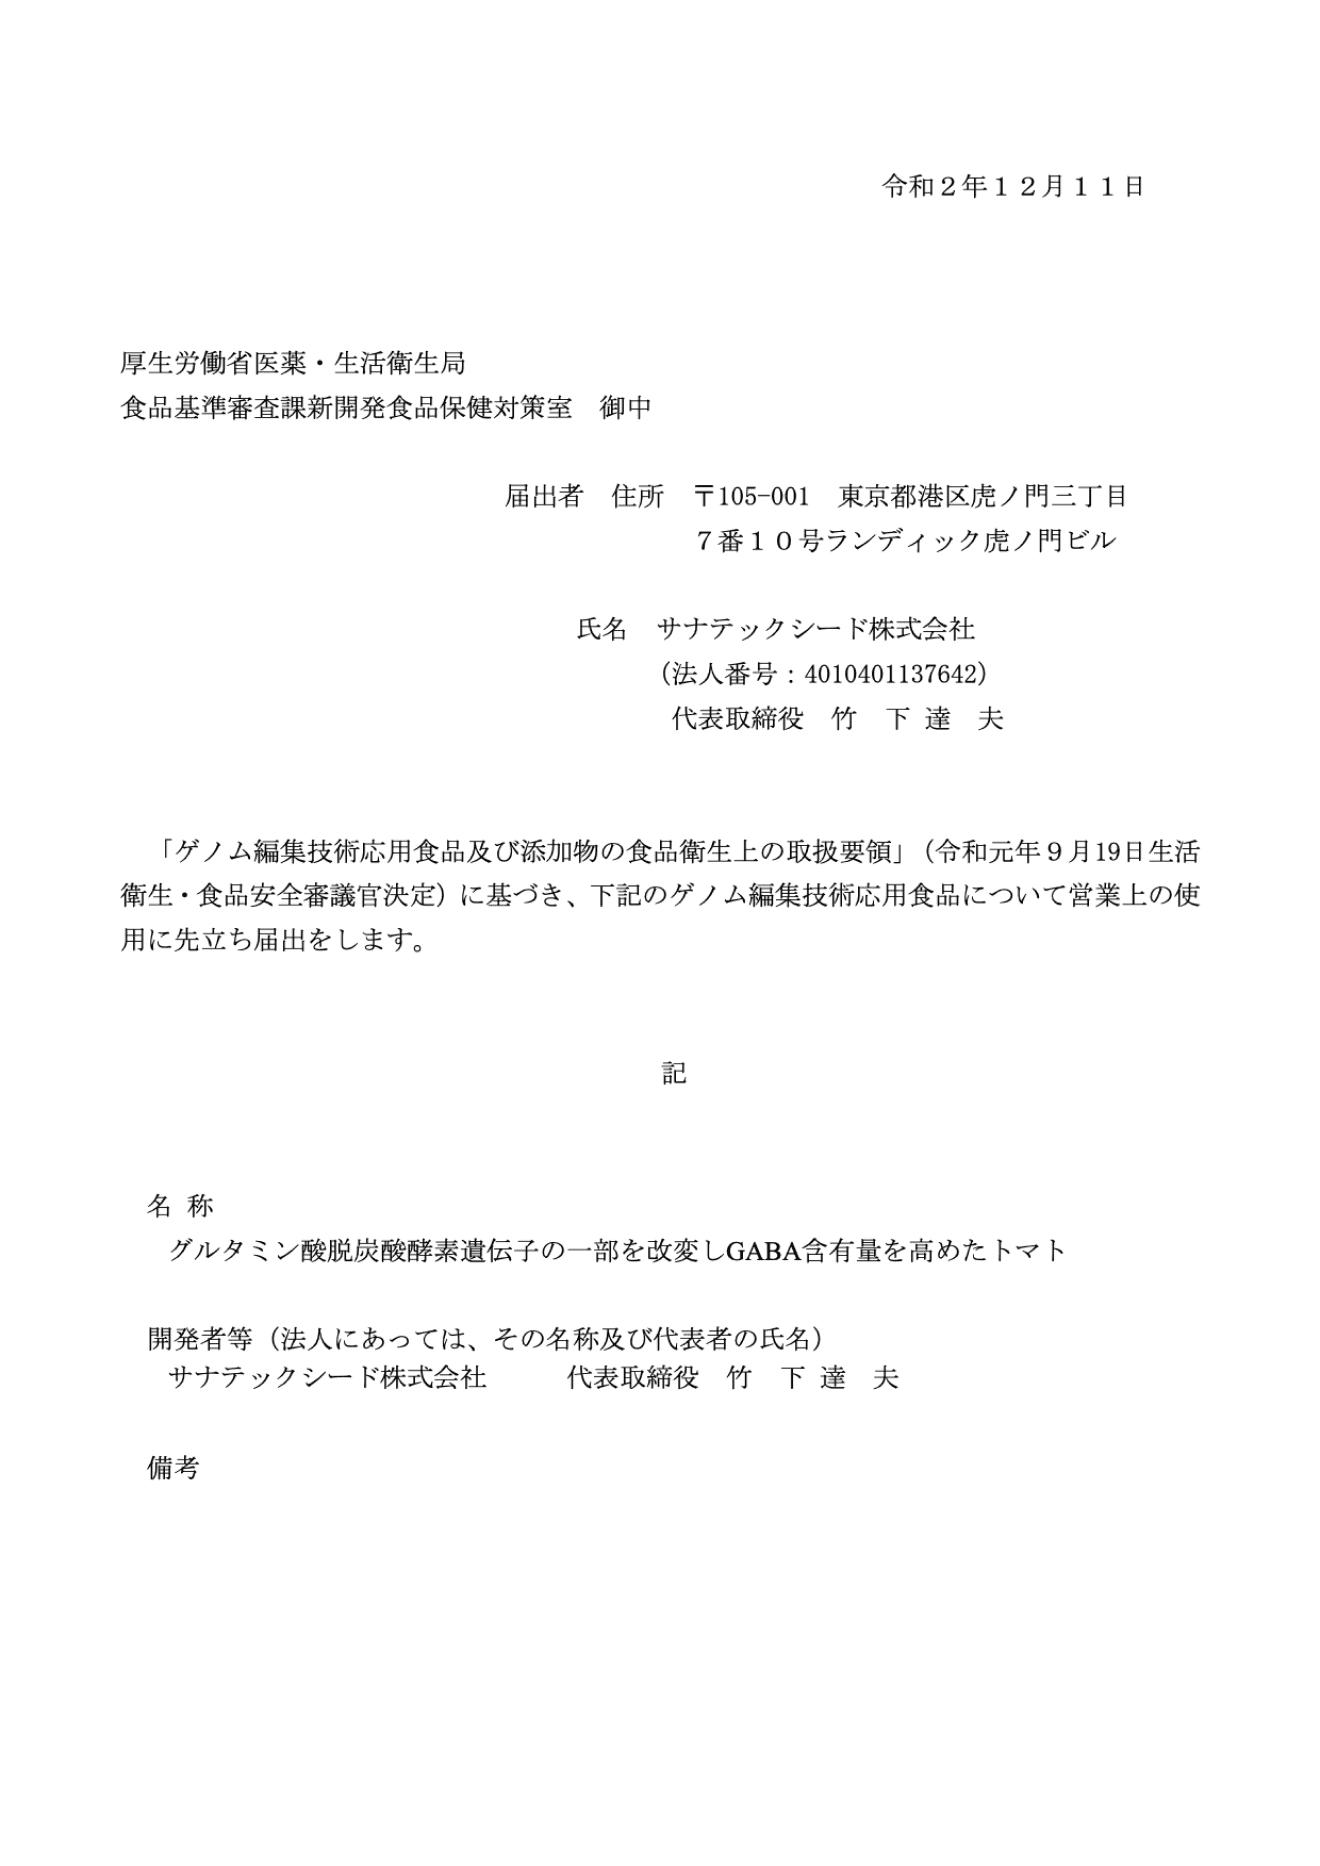 食品に関する情報(所管官庁・厚生労働省))